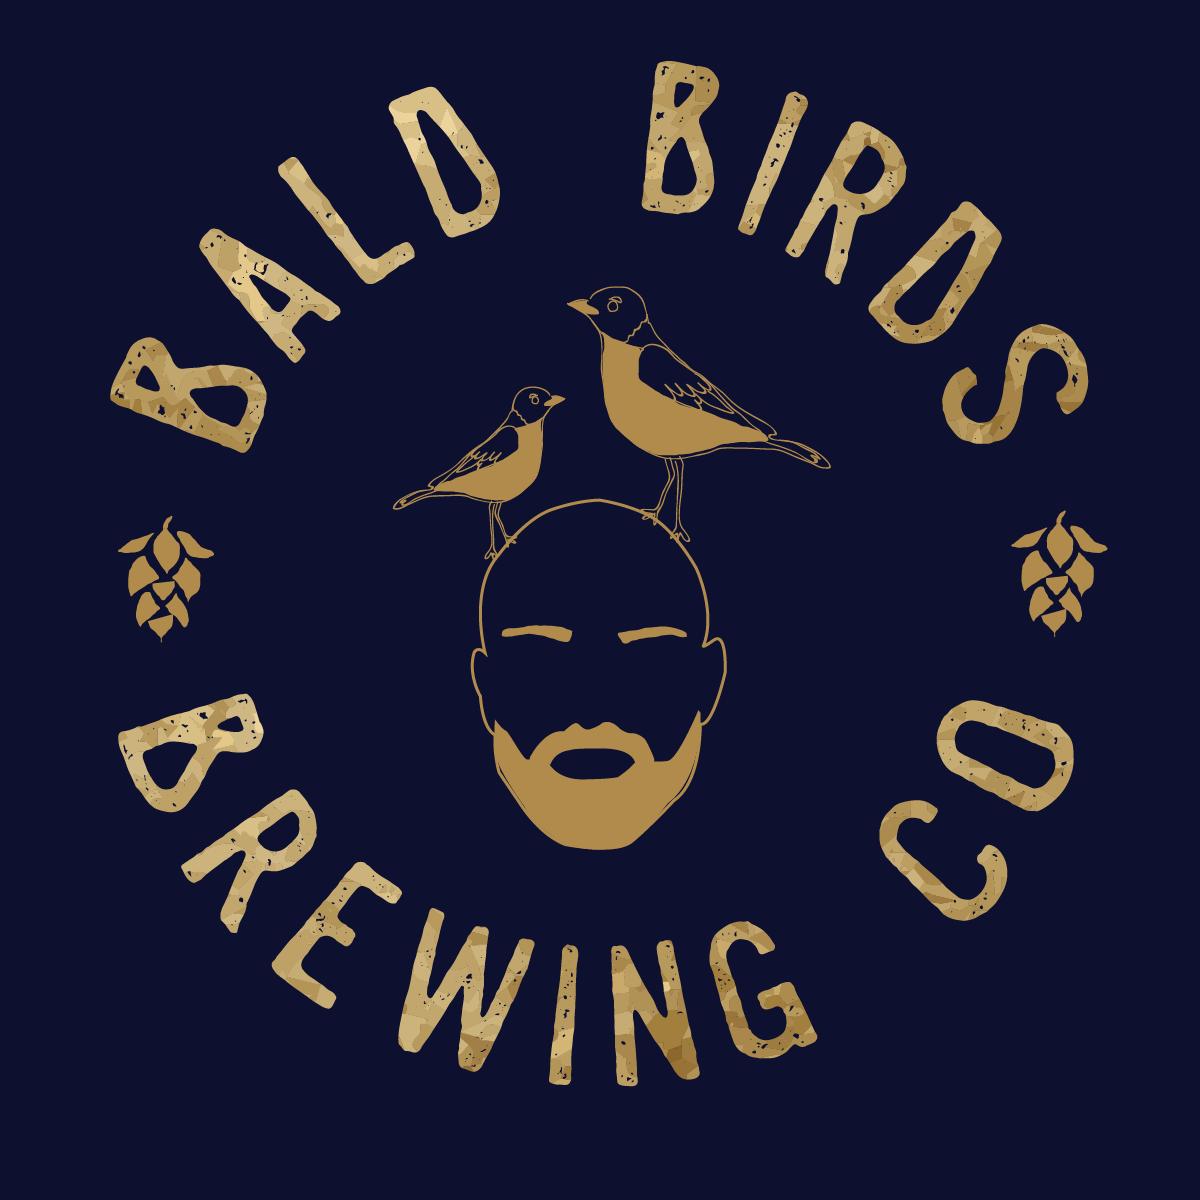 Bald Birds Brewing Company